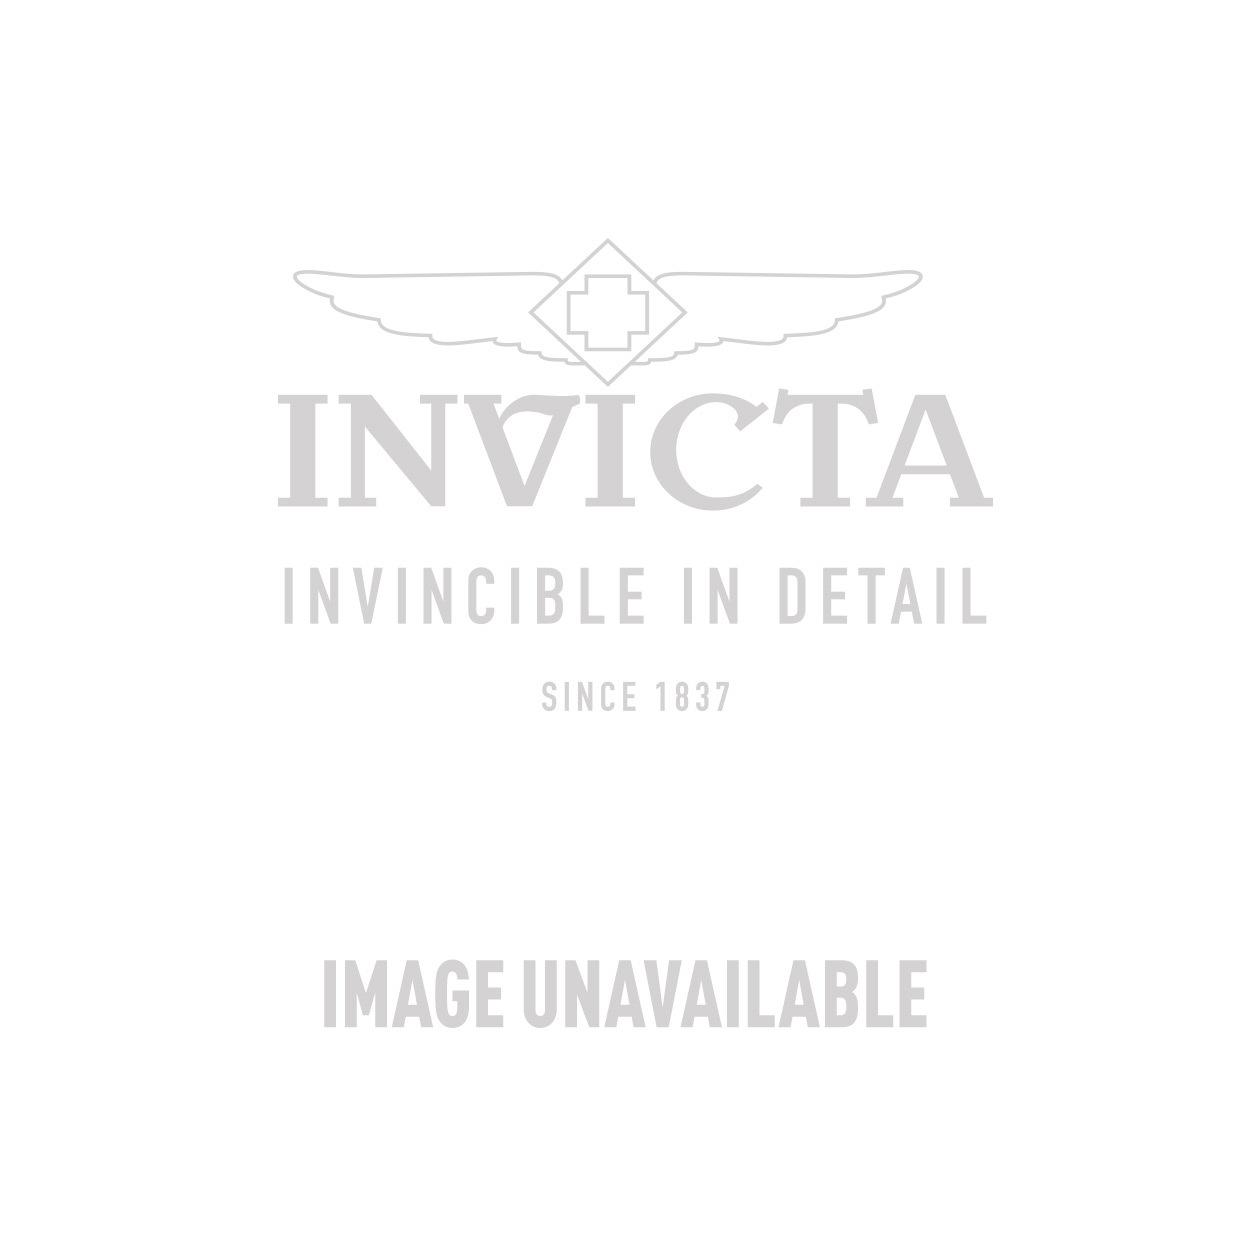 Invicta Model 27375